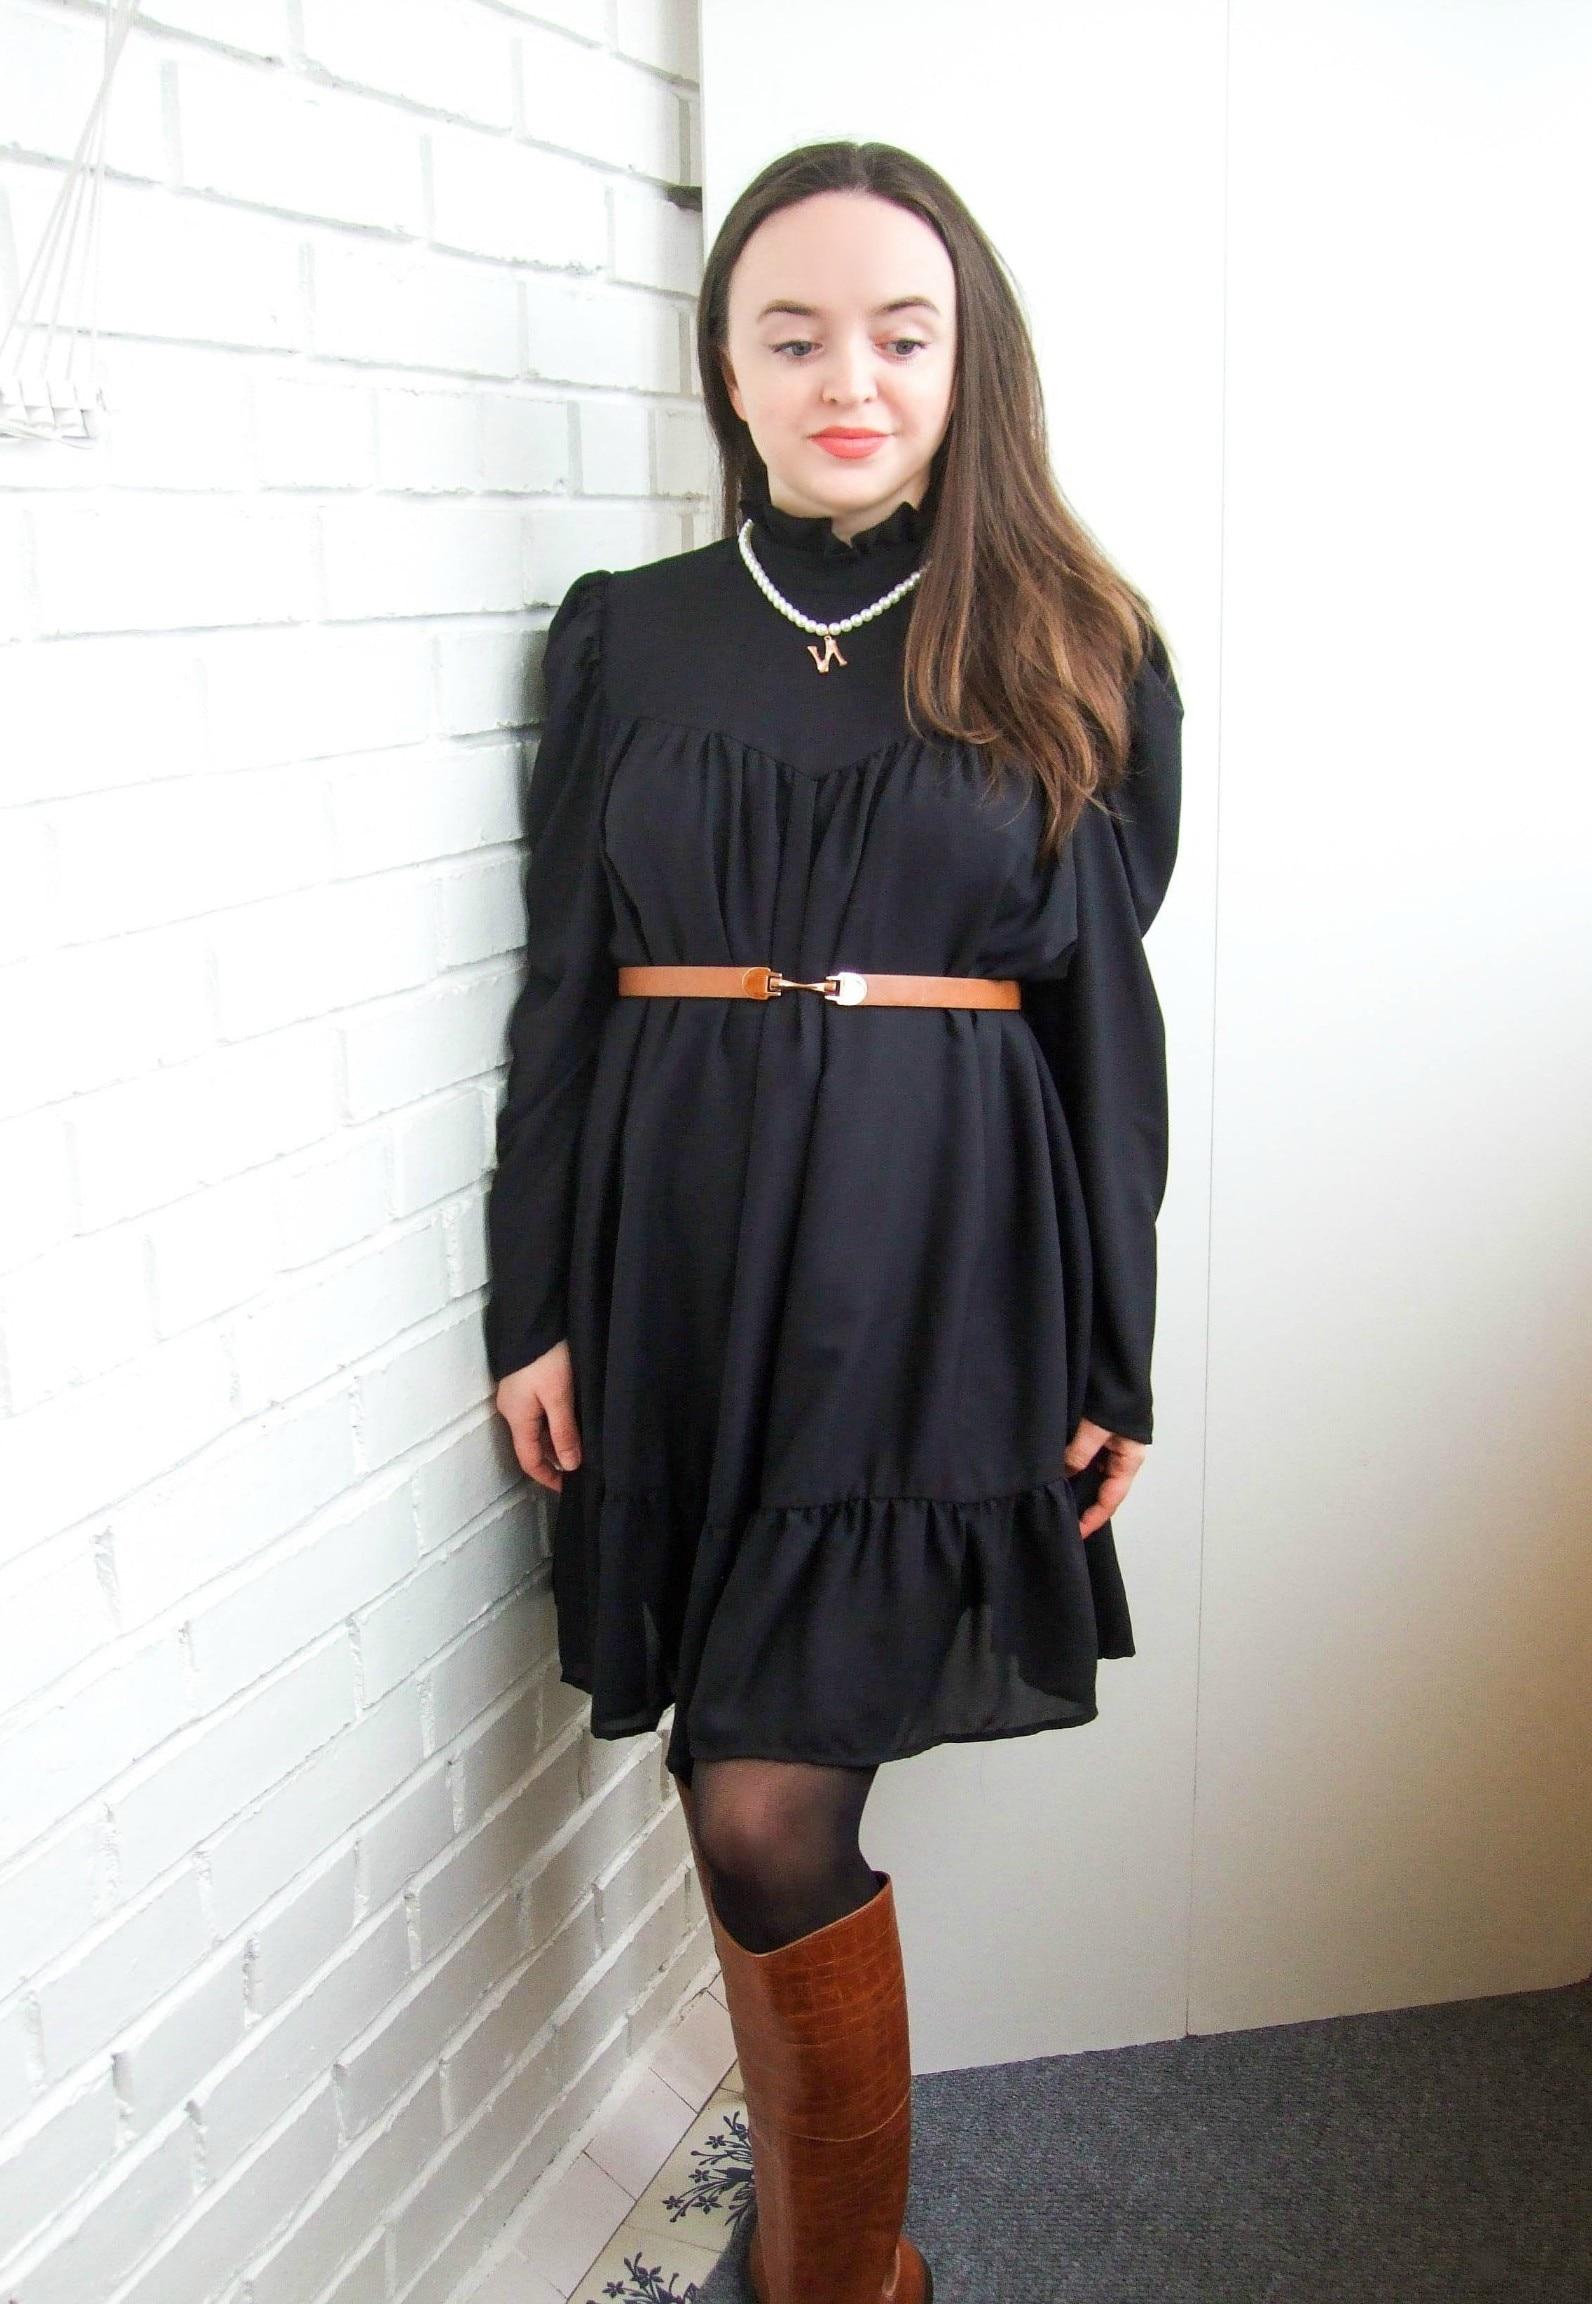 Hot 2019 autumn new fashion women's temperament commuter puff sleeve small high collar natural A word knee Chiffon dress reviews №10 342835